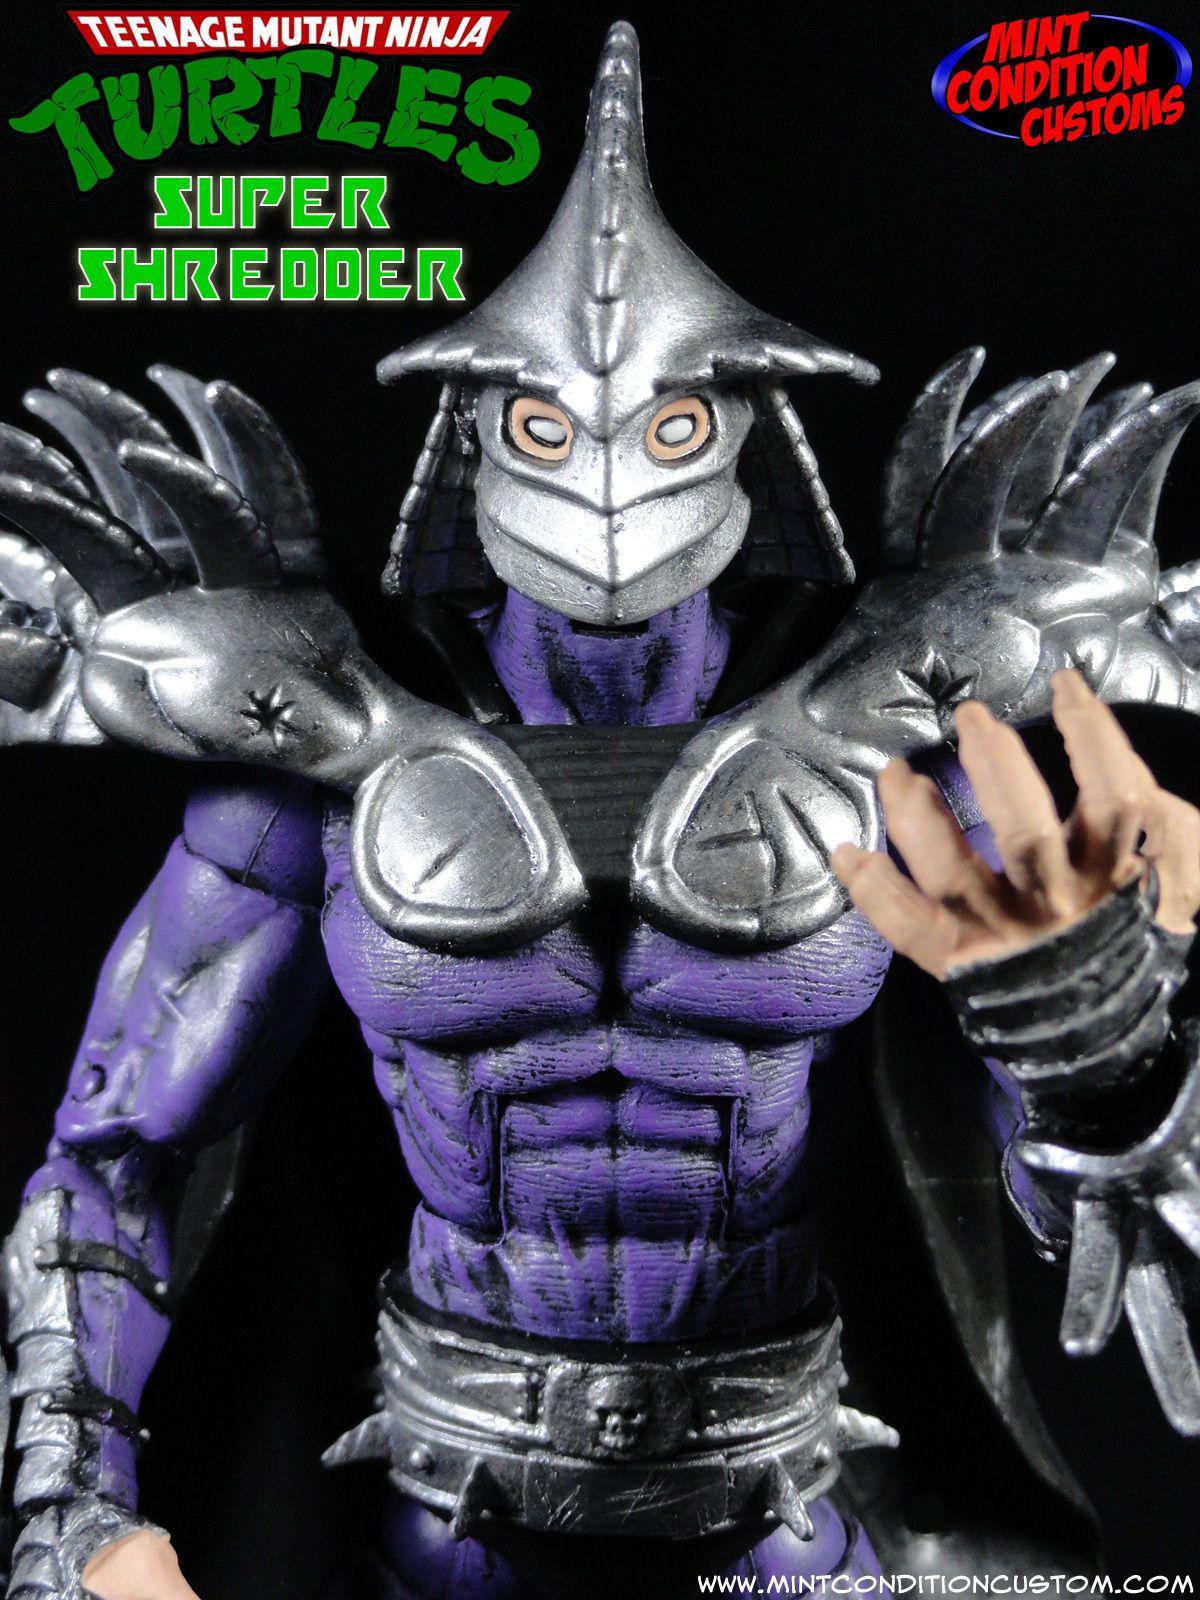 Custom Super Shredder Tmnt Ninja Turtles Marvel Legends Universe Action Figure Tmnt Marvel Legends Action Figures